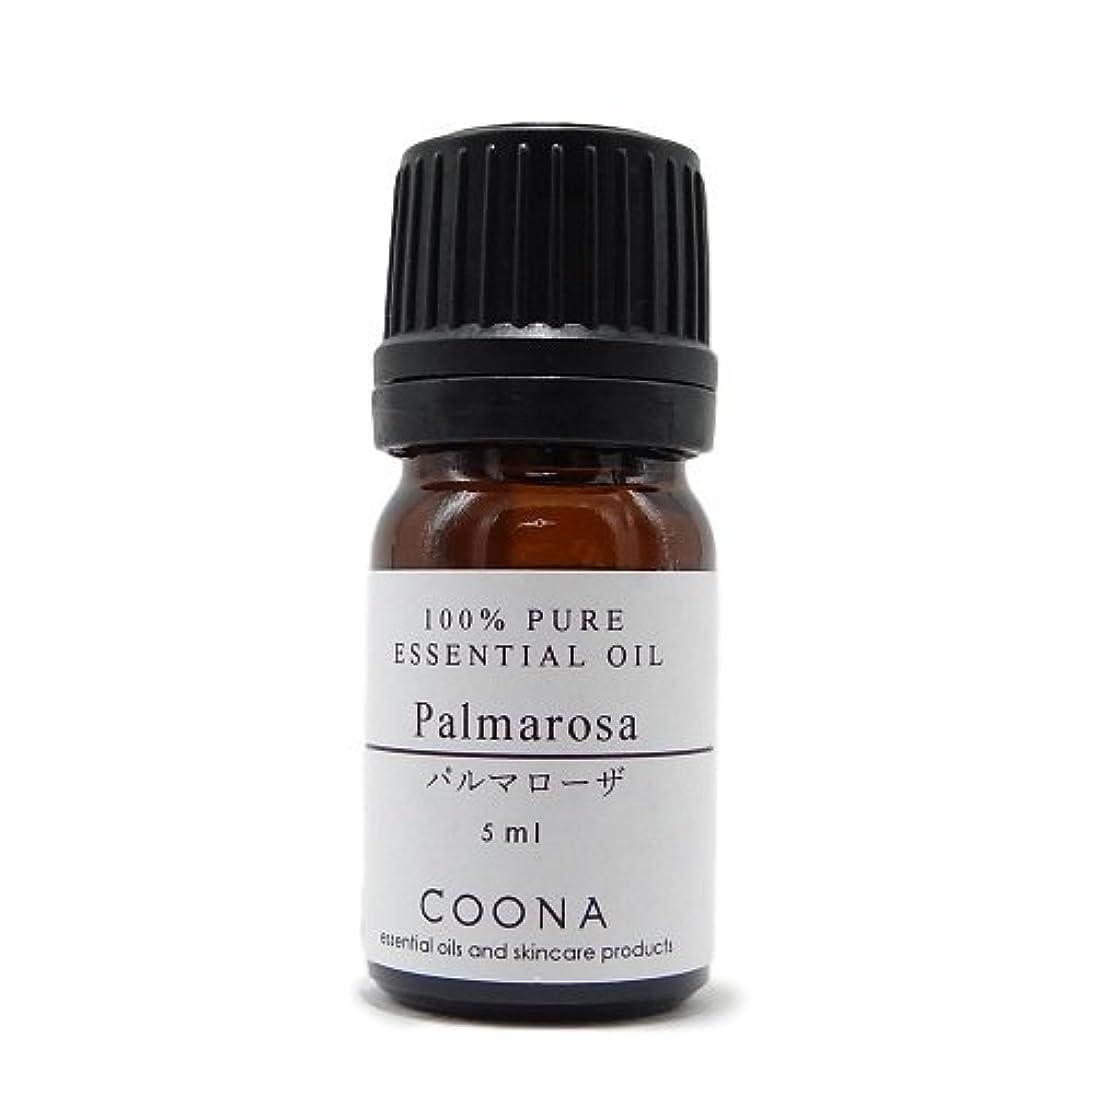 繊細プラグ責めパルマローザ 5 ml (COONA エッセンシャルオイル アロマオイル 100%天然植物精油)